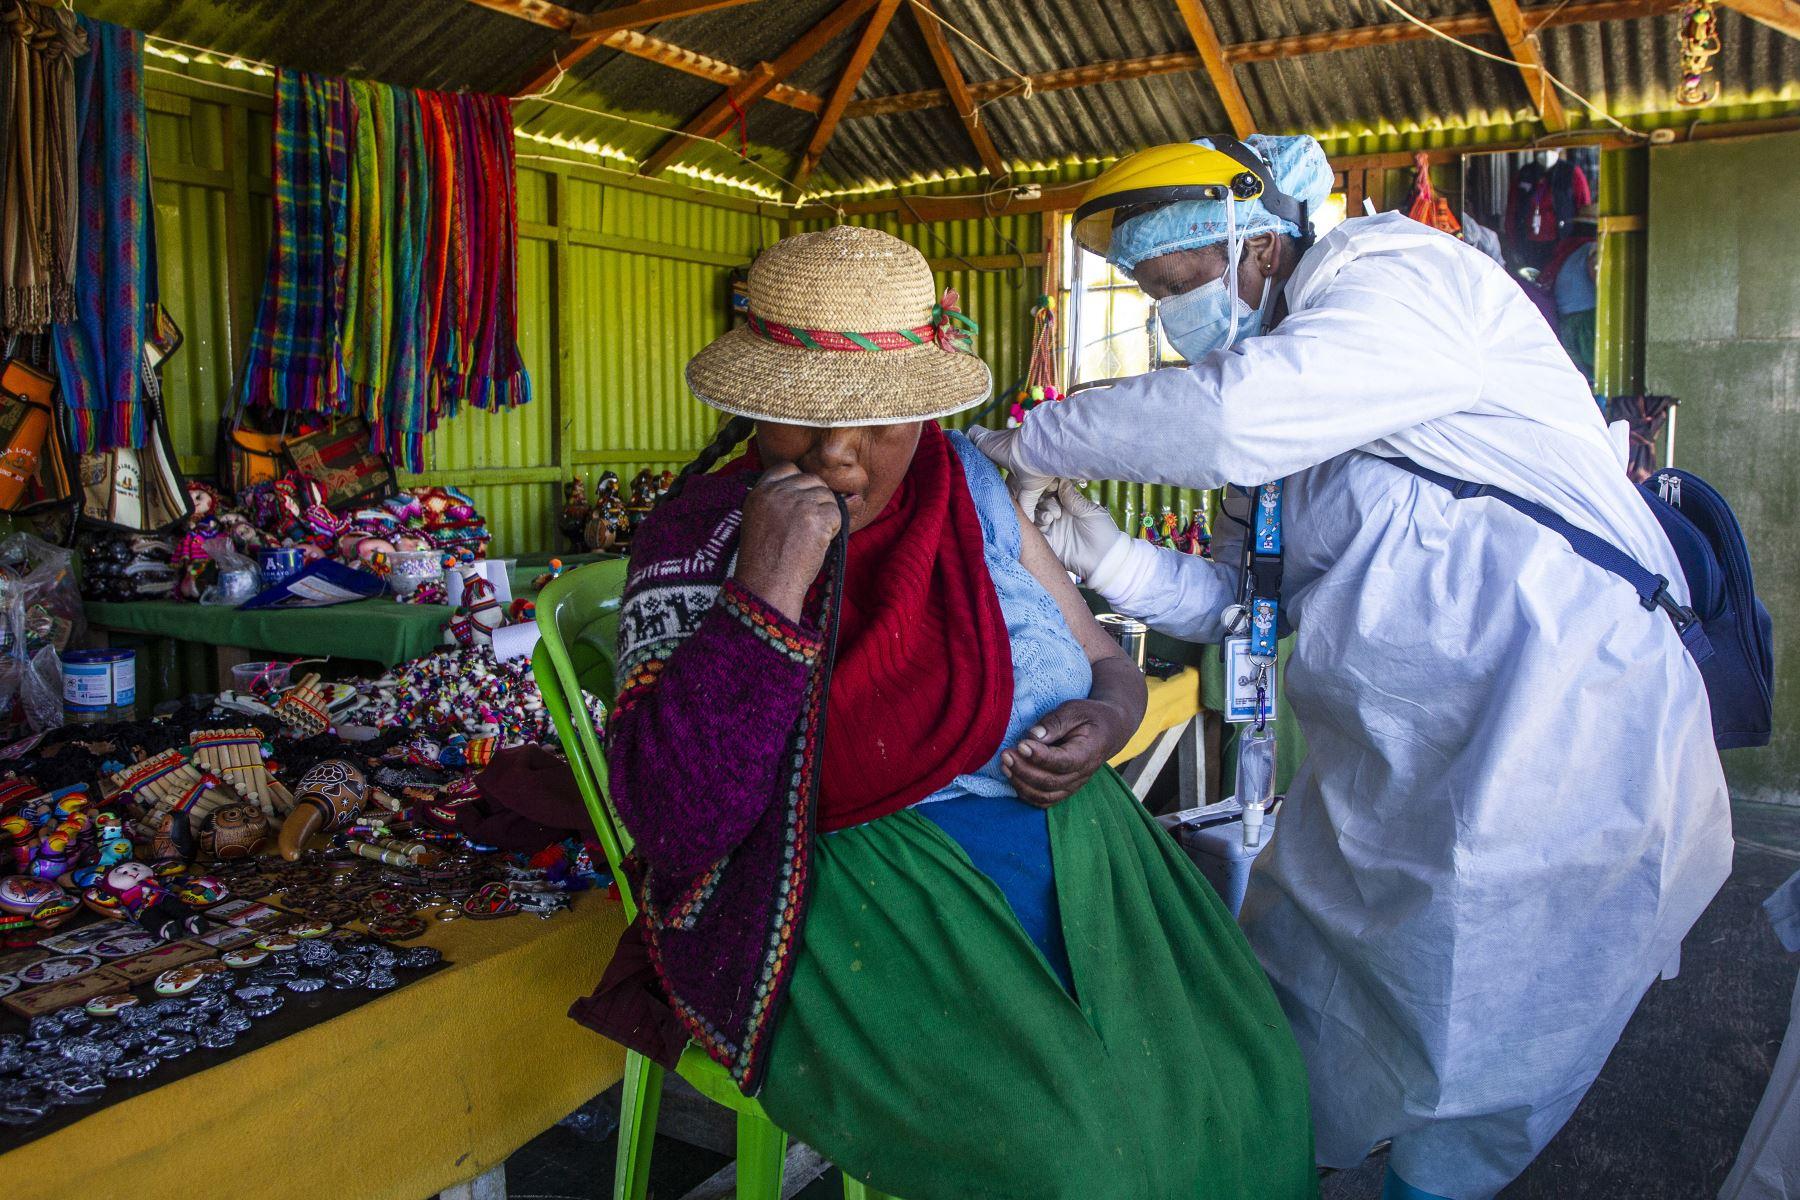 Un trabajador de salud inocula a una mujer con una dosis de la vacuna Sinopharm contra la covid-19, en las islas de los Uros, en el lago Titicaca, en Puno. Foto: AFP